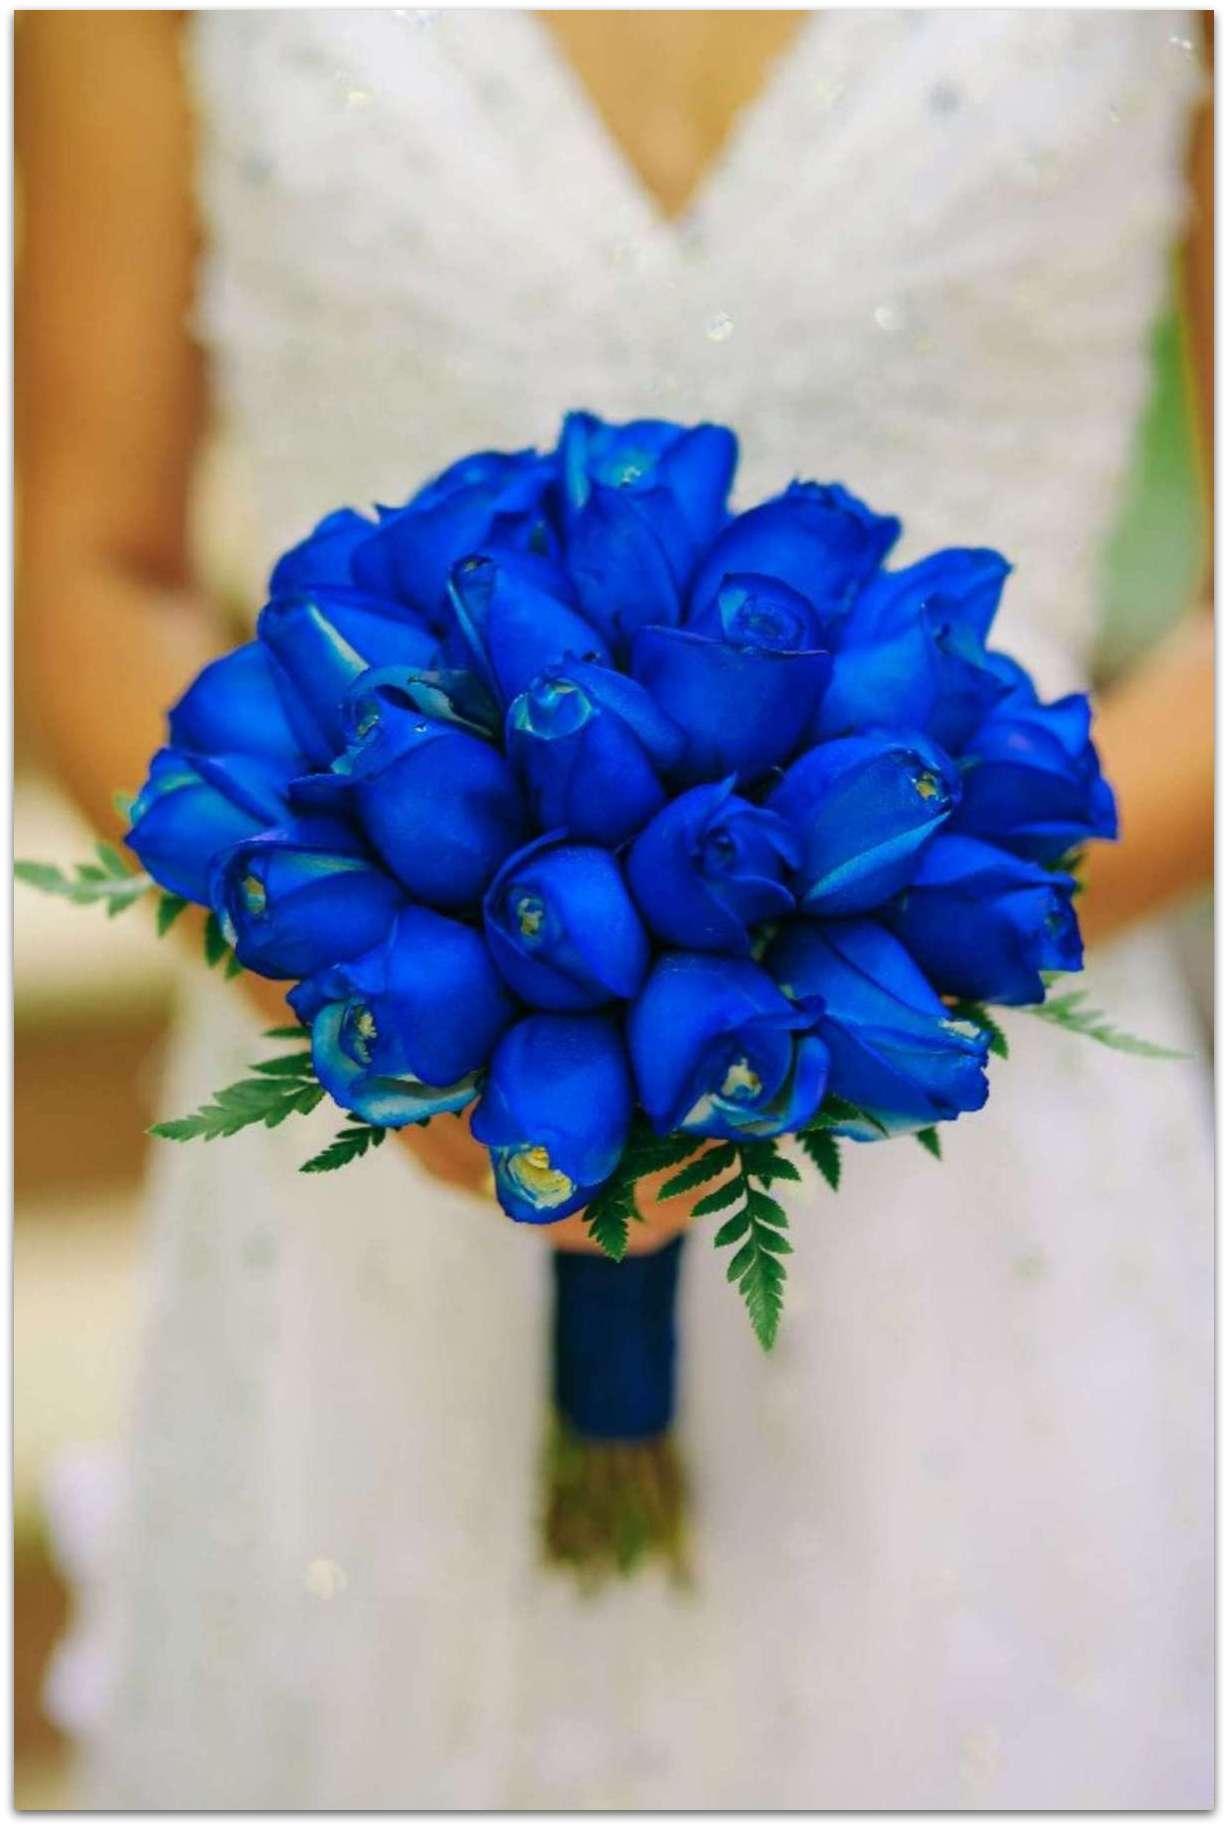 Los 18 Ramos De Novia De Rosas Más Originales Y Románticos Flores